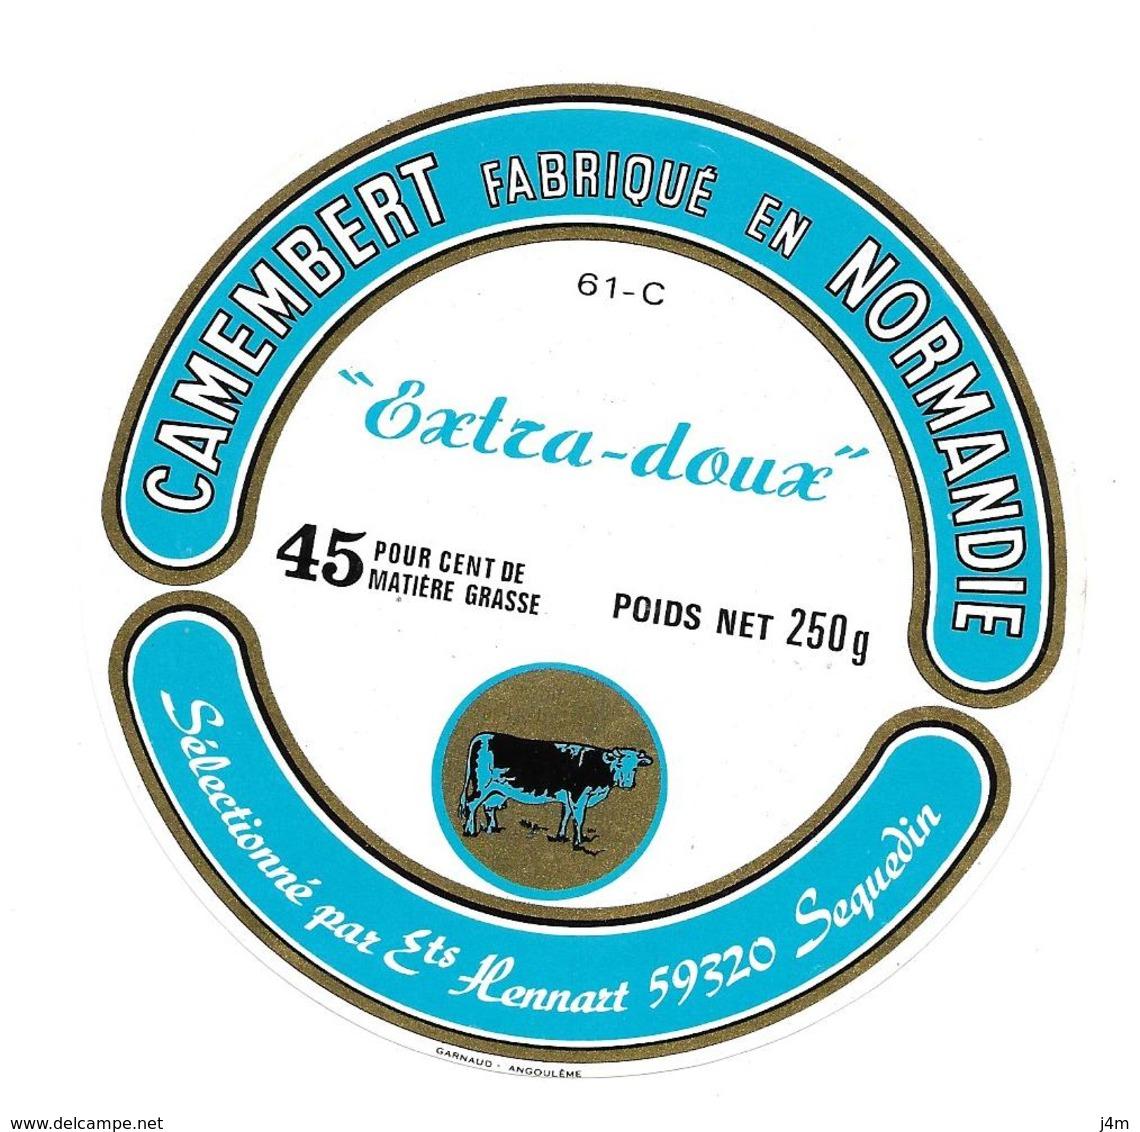 ETIQUETTE De FROMAGE..CAMEMBERT Fabriqué En NORMANDIE ( Orne 61)..Sélectionné Ets HENNART à SEQUEDIN (59) - Cheese